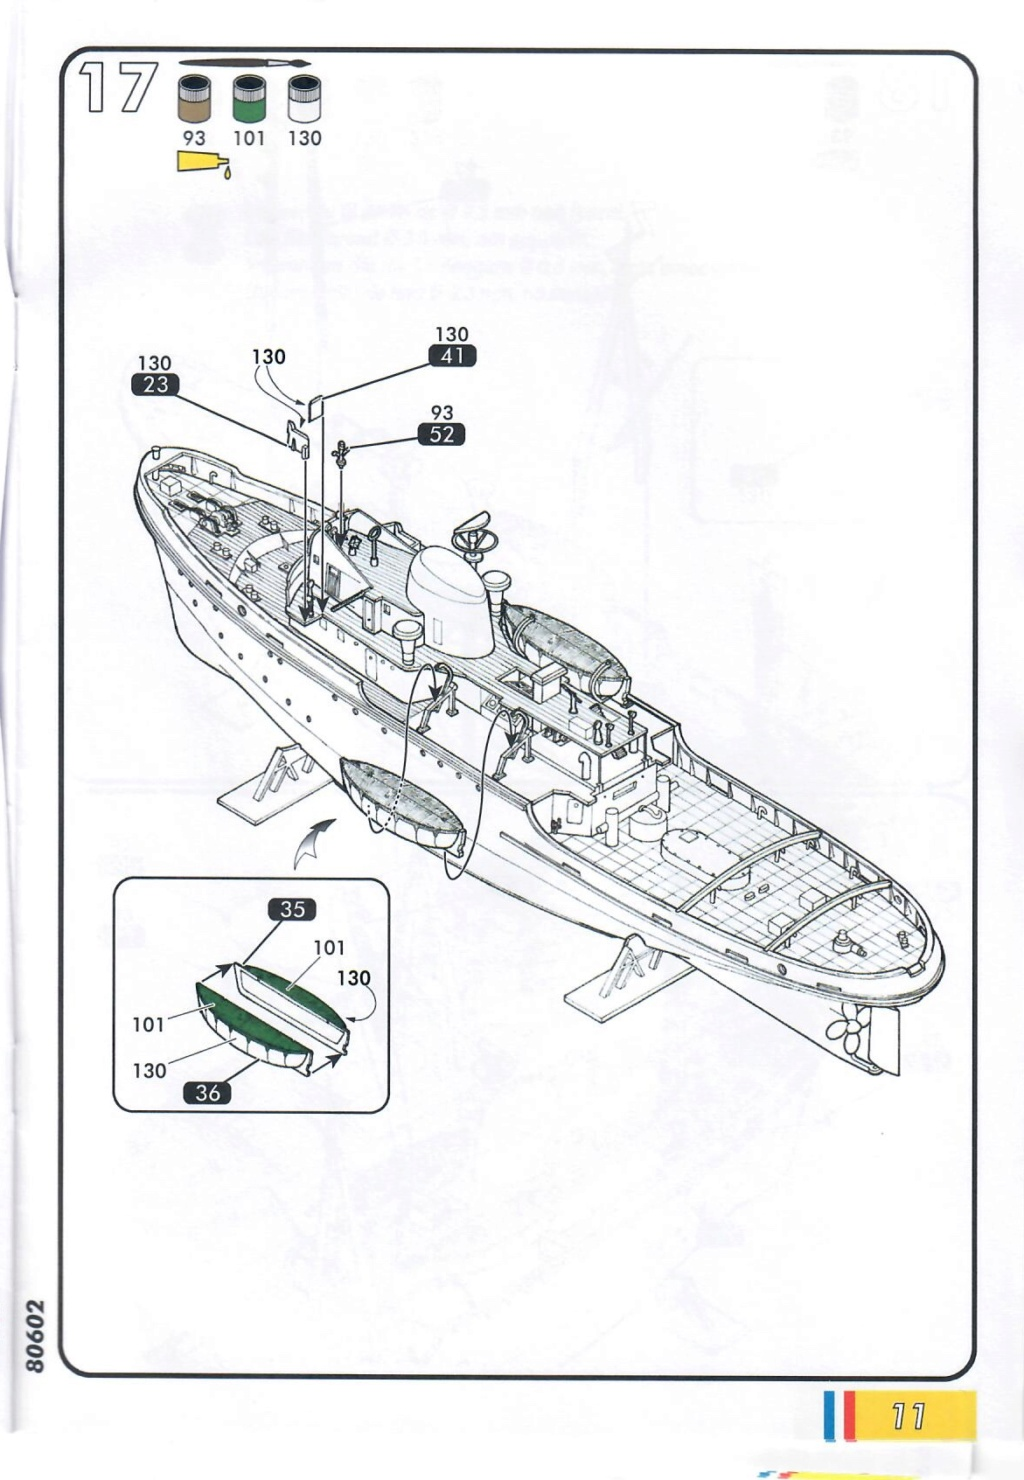 Remorqueur JEAN BART port d attache boks01 1/200ème Réf 80602 Notice28